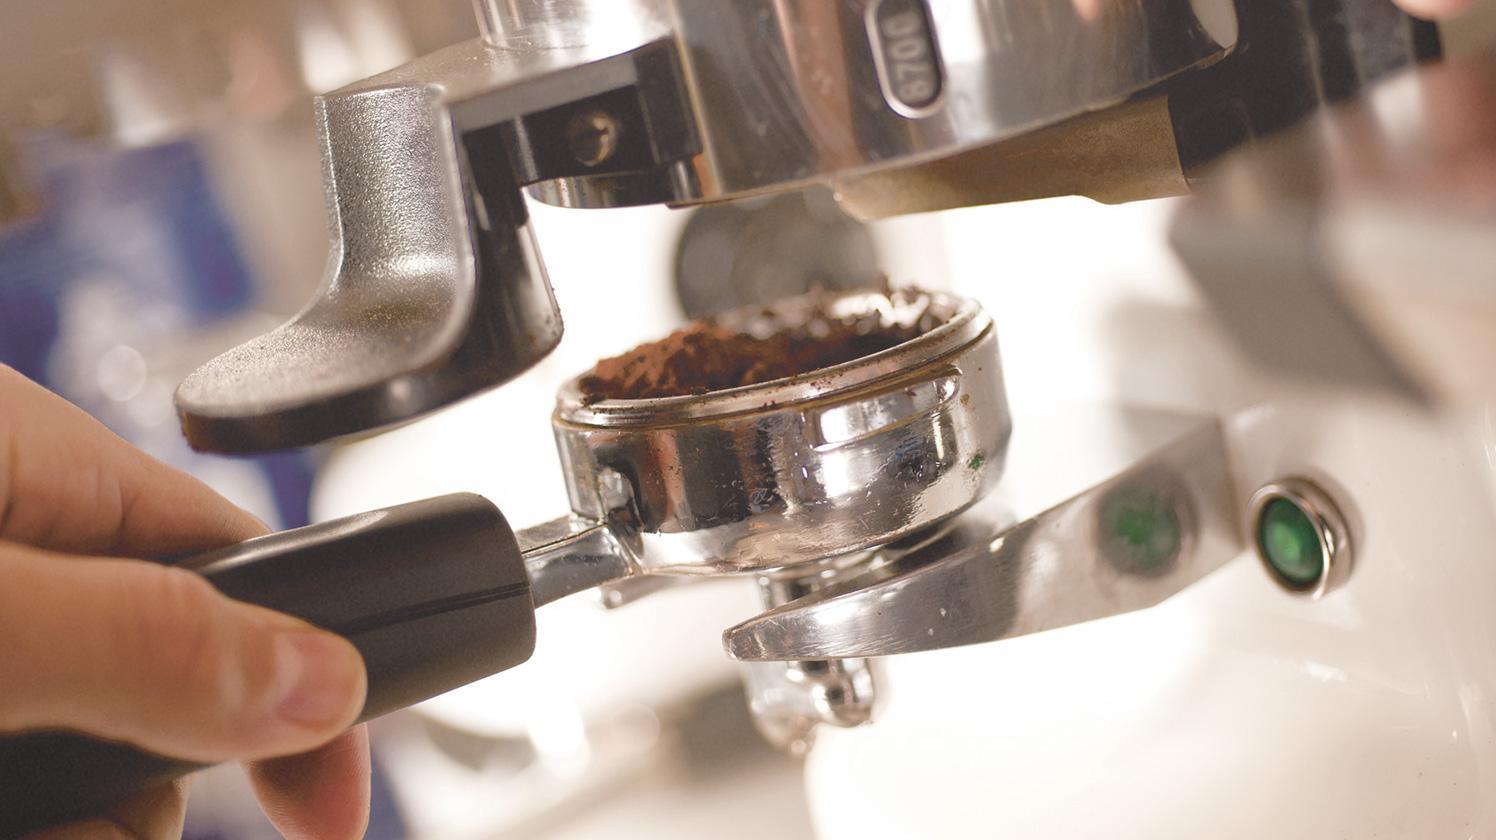 BRITA filter PURITY Quell ST bakker koffie zetten